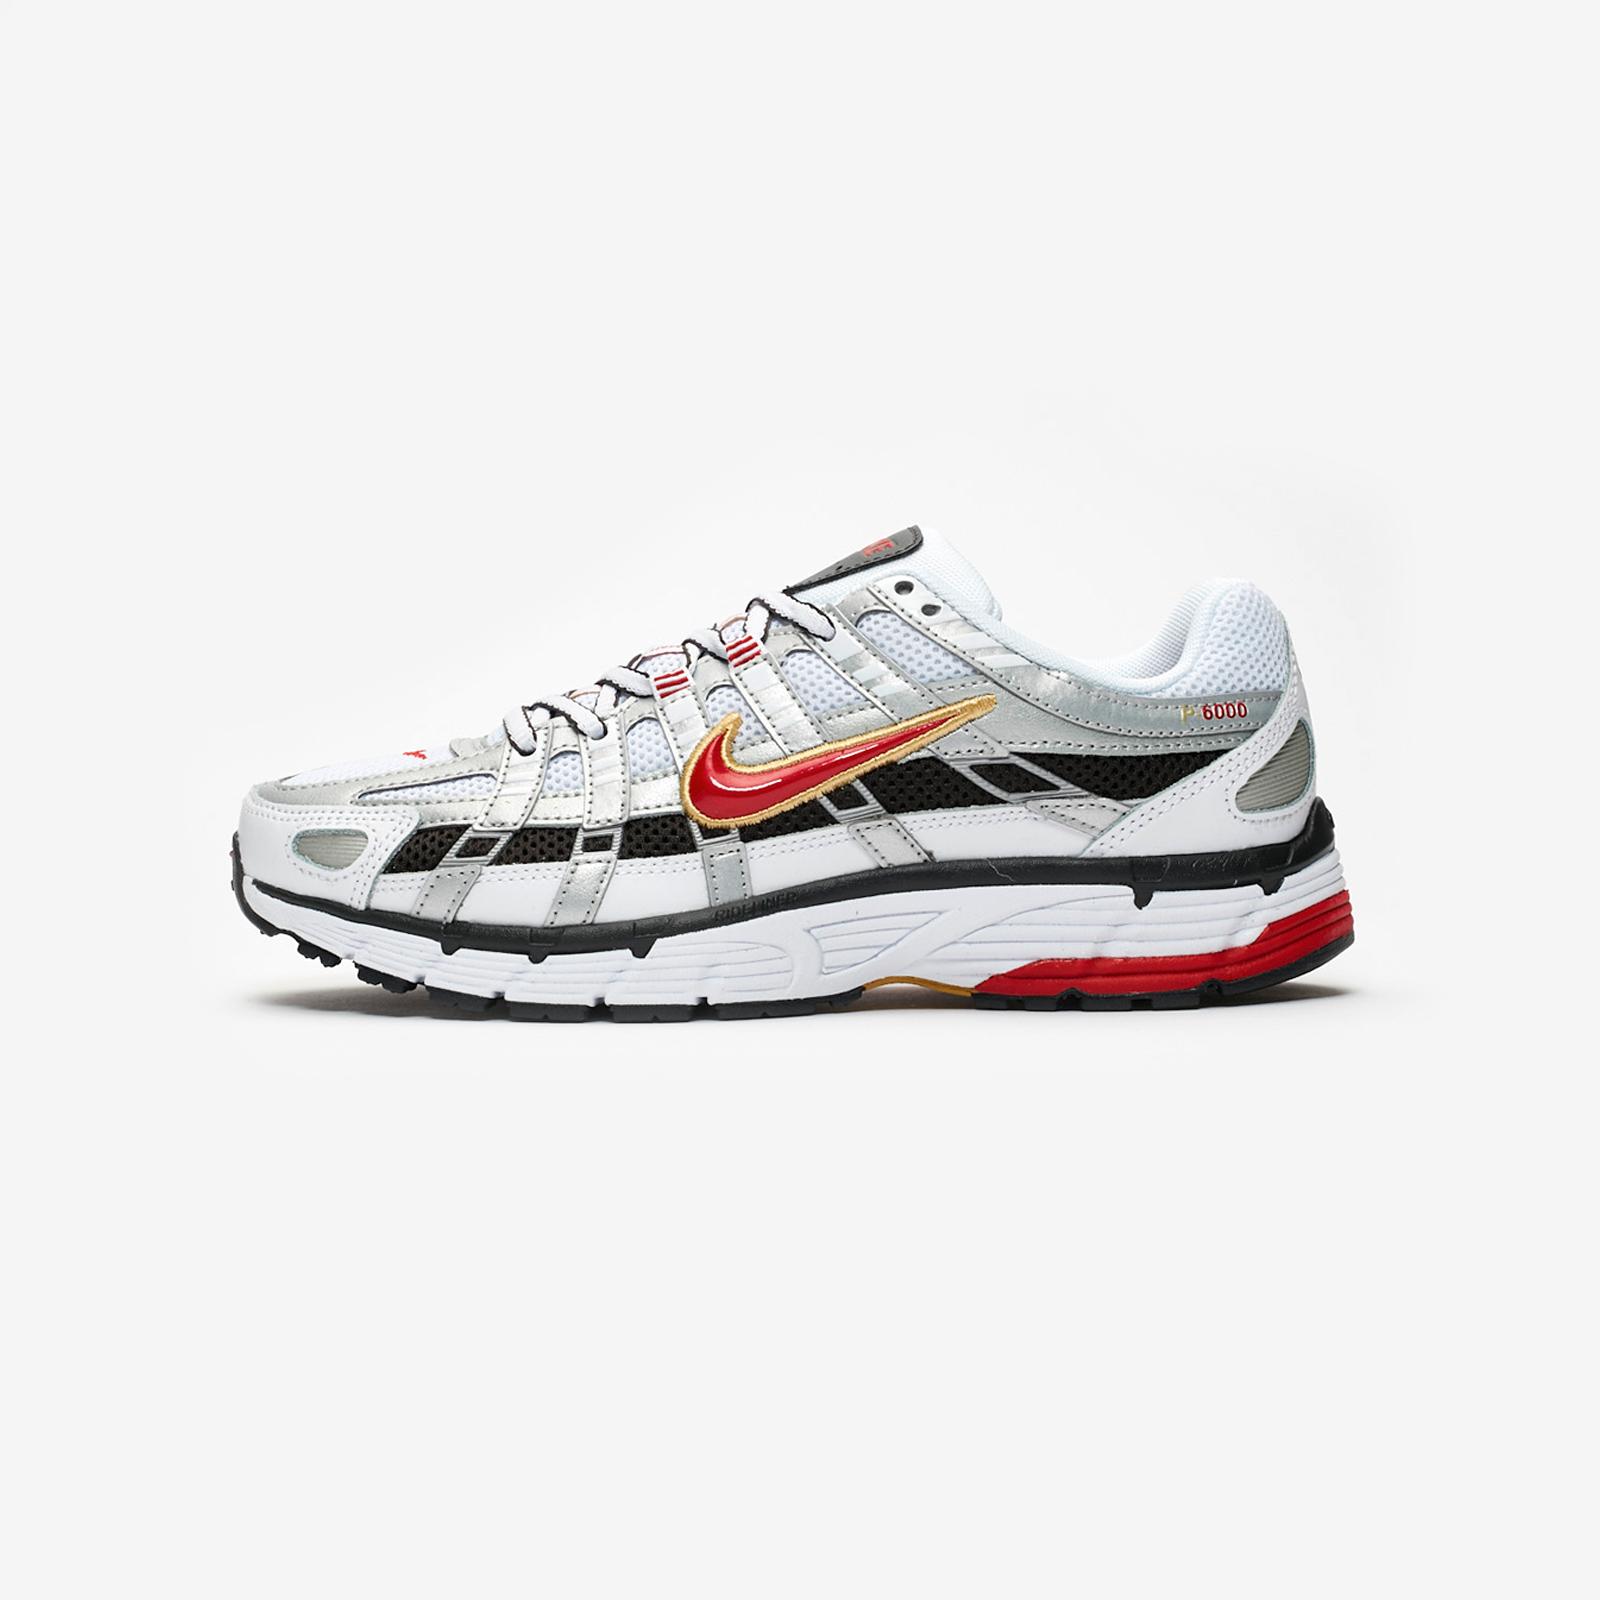 the best attitude 50dc5 b44d0 Nike Wmns P-6000 - Bv1021-101 - Sneakersnstuff   sneakers   streetwear  online since 1999